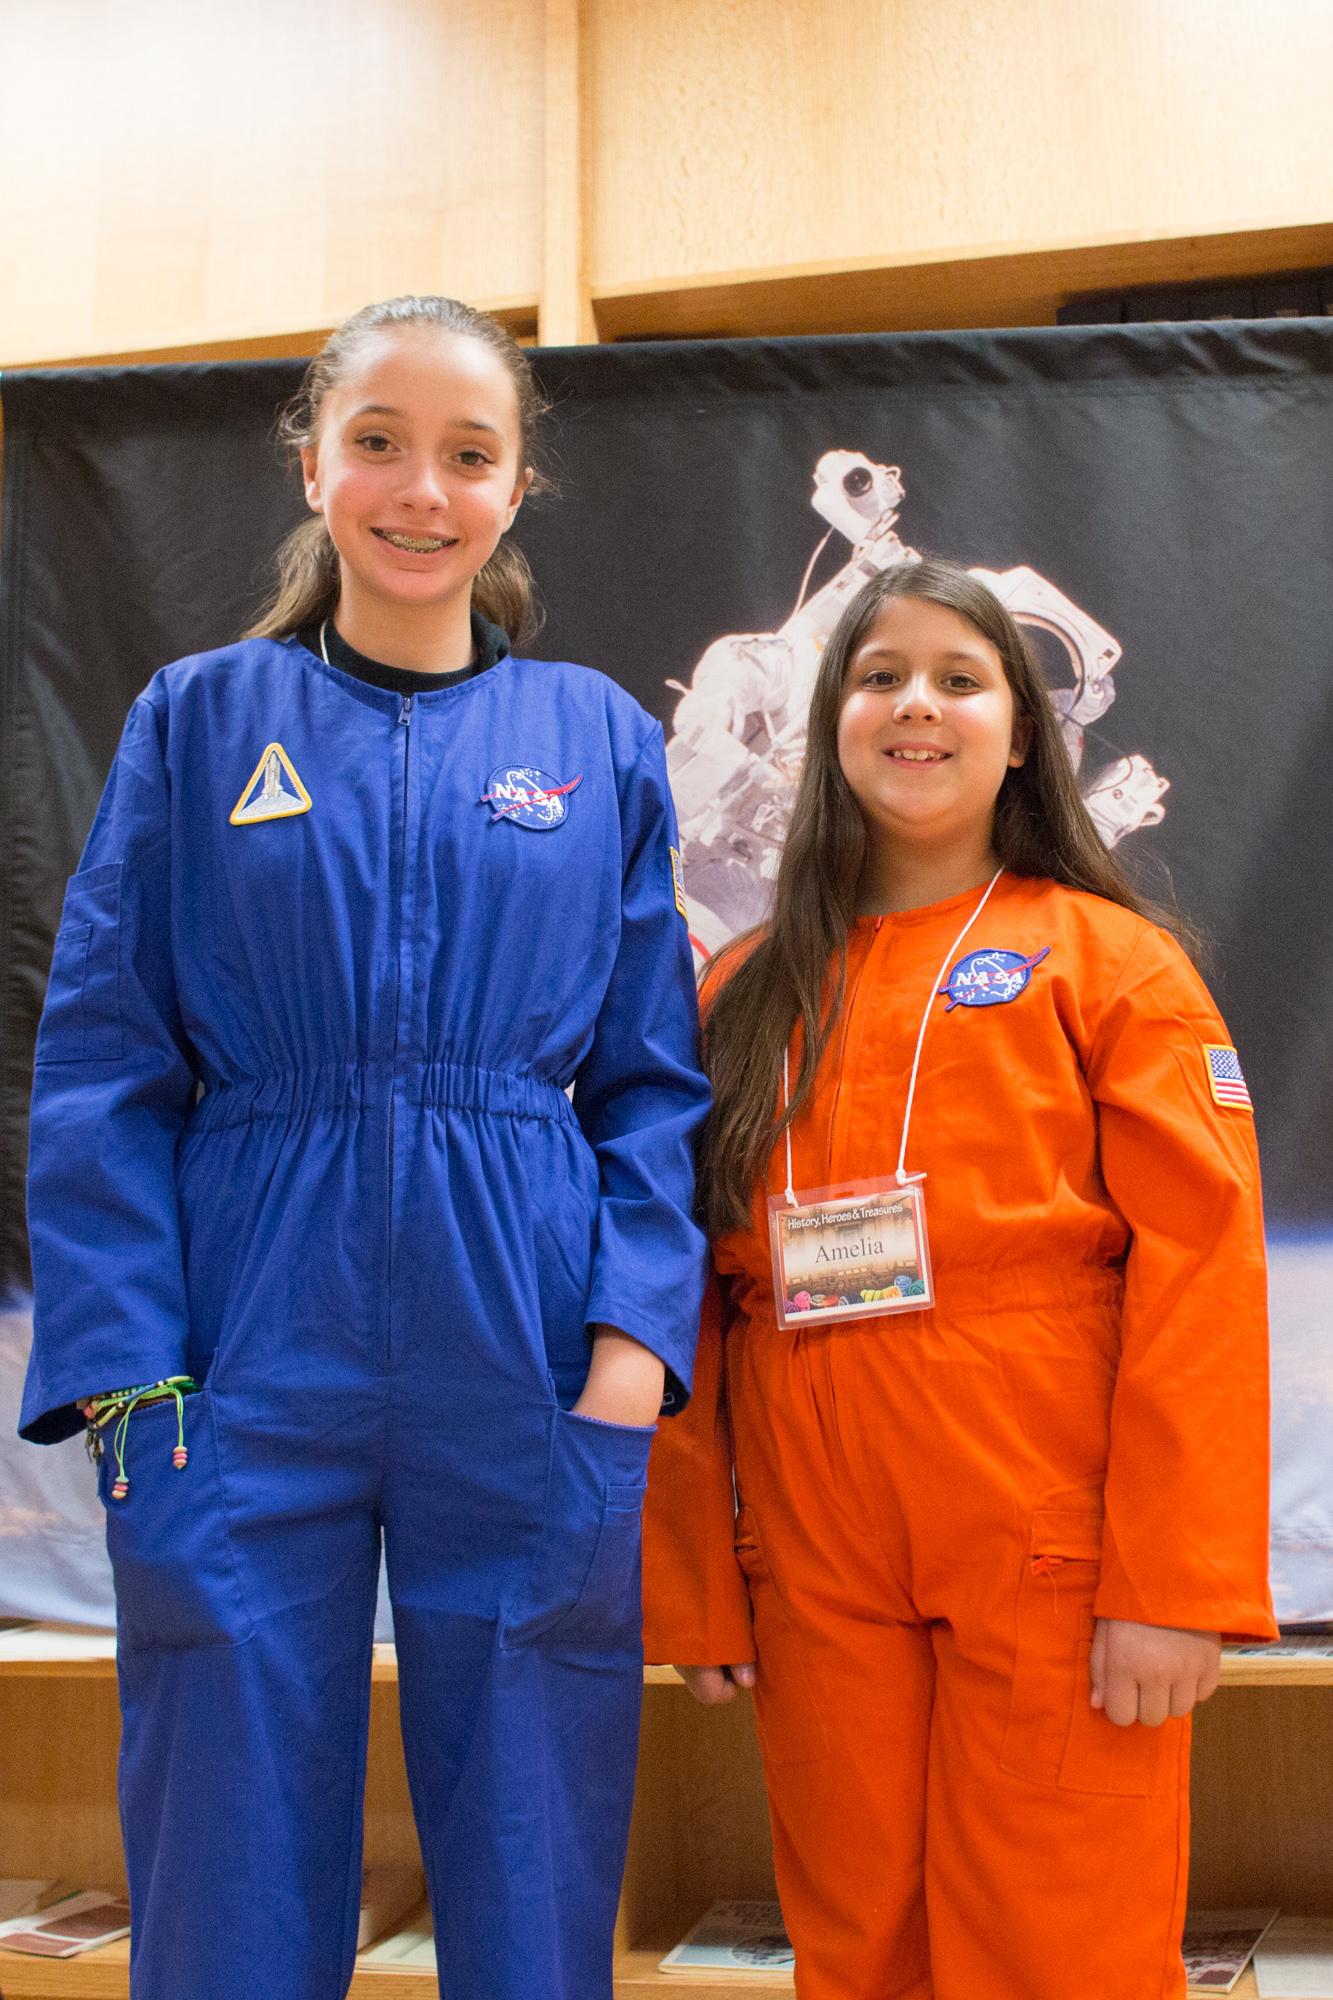 NASA family day